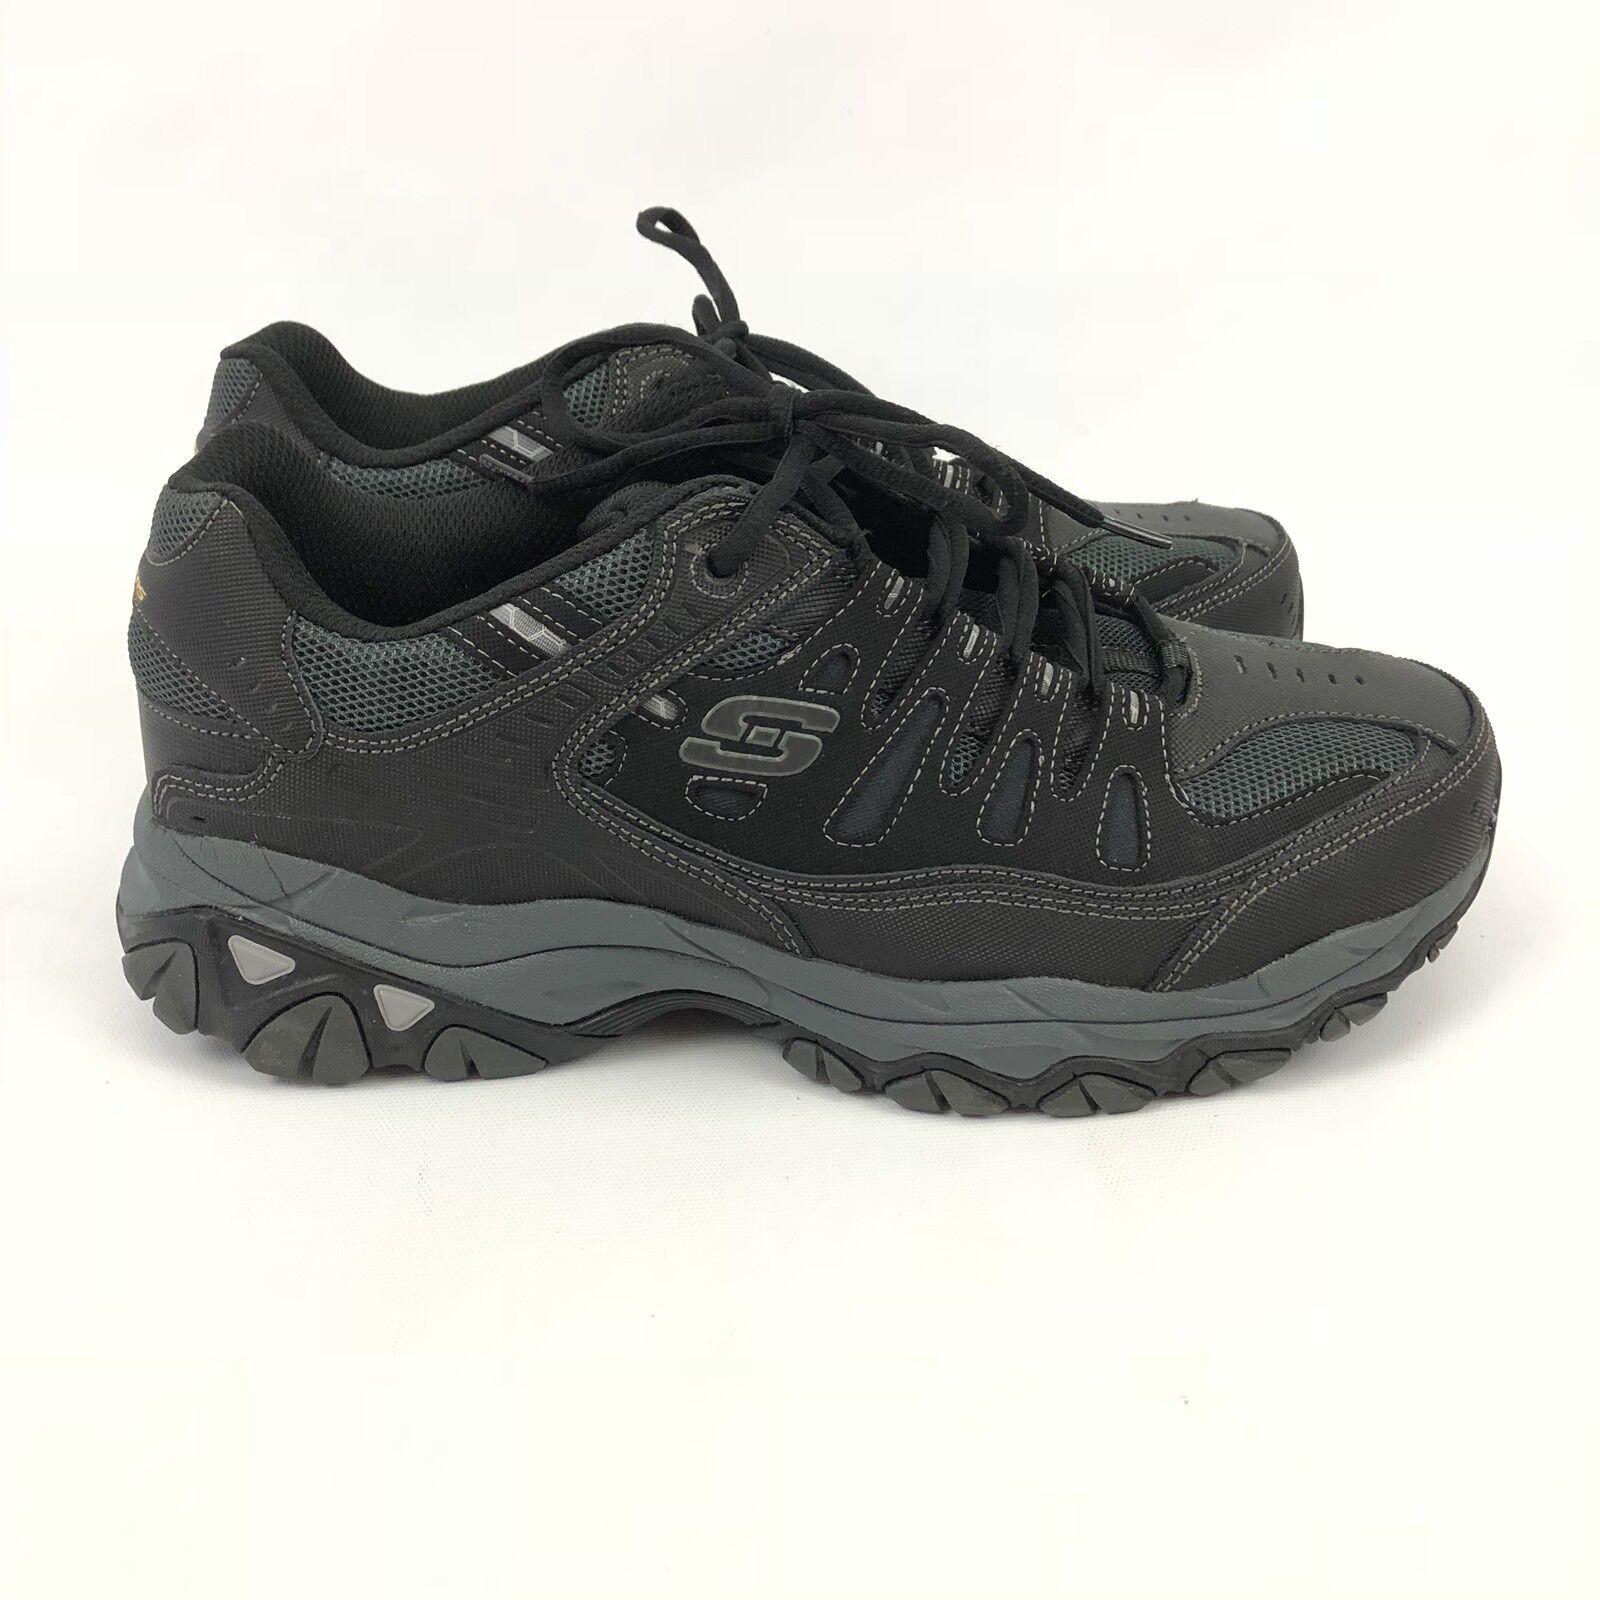 Skechers hommes noir Sneakers 50125 11.5 Extra Wide